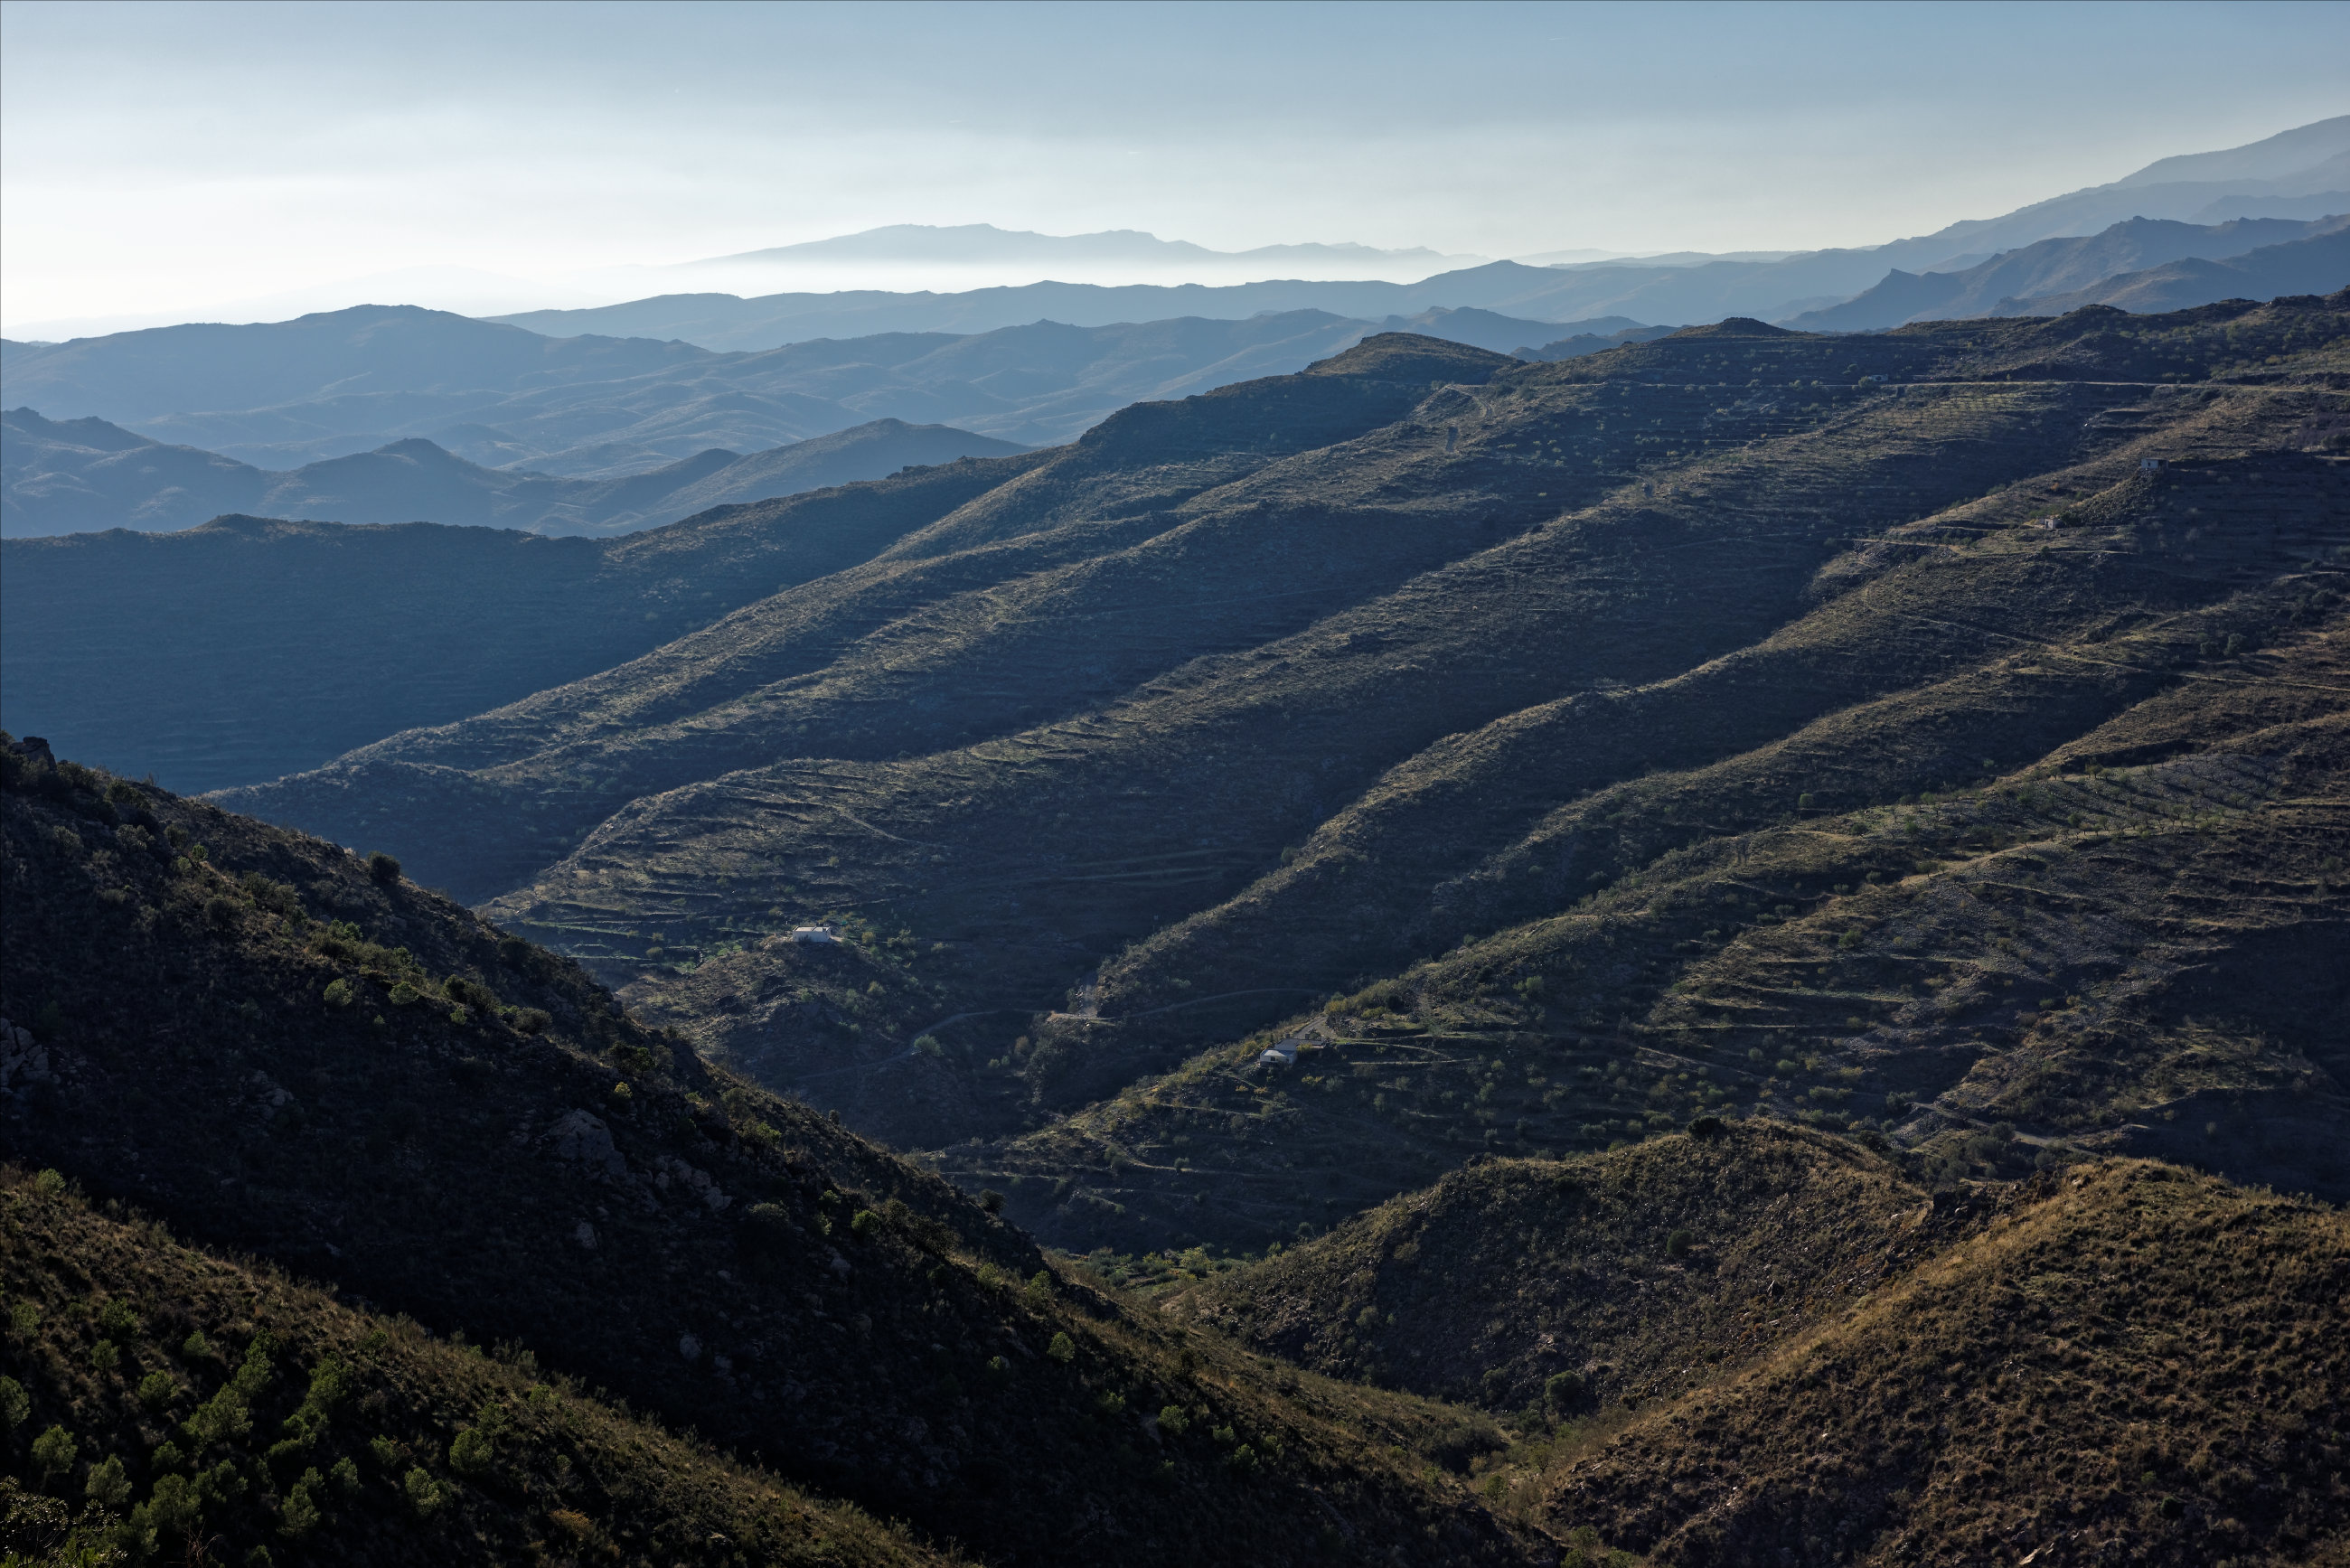 151107-Sierra de los Filabres (202)